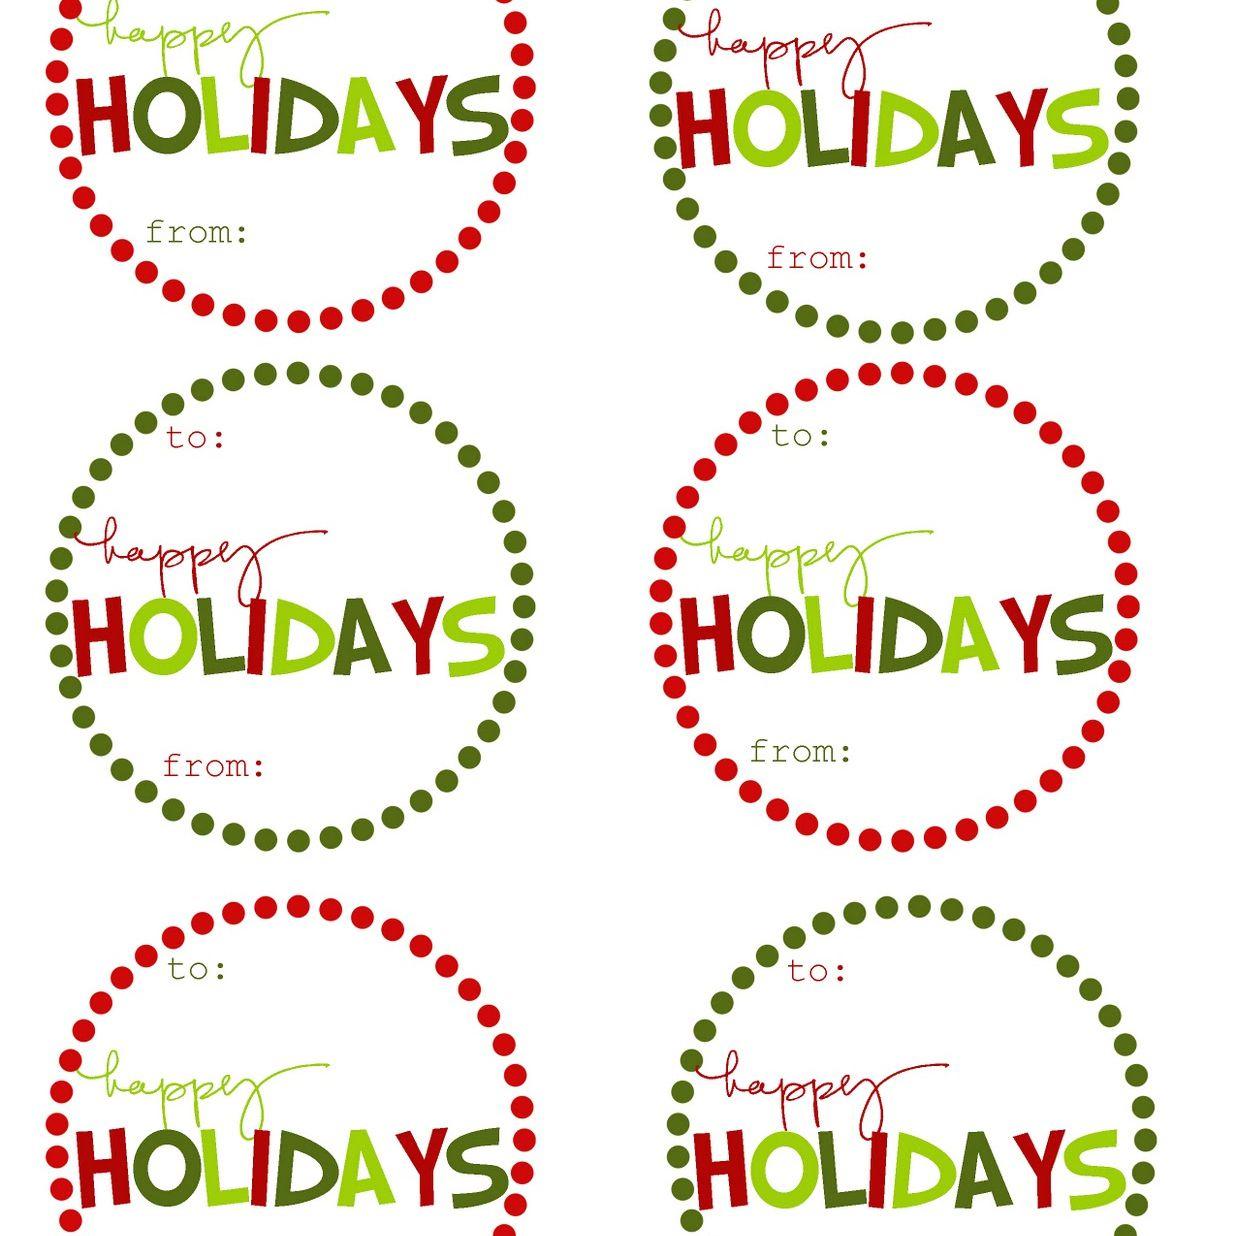 40 Sets Of Free Printable Christmas Gift Tags - Free Printable Editable Christmas Gift Tags